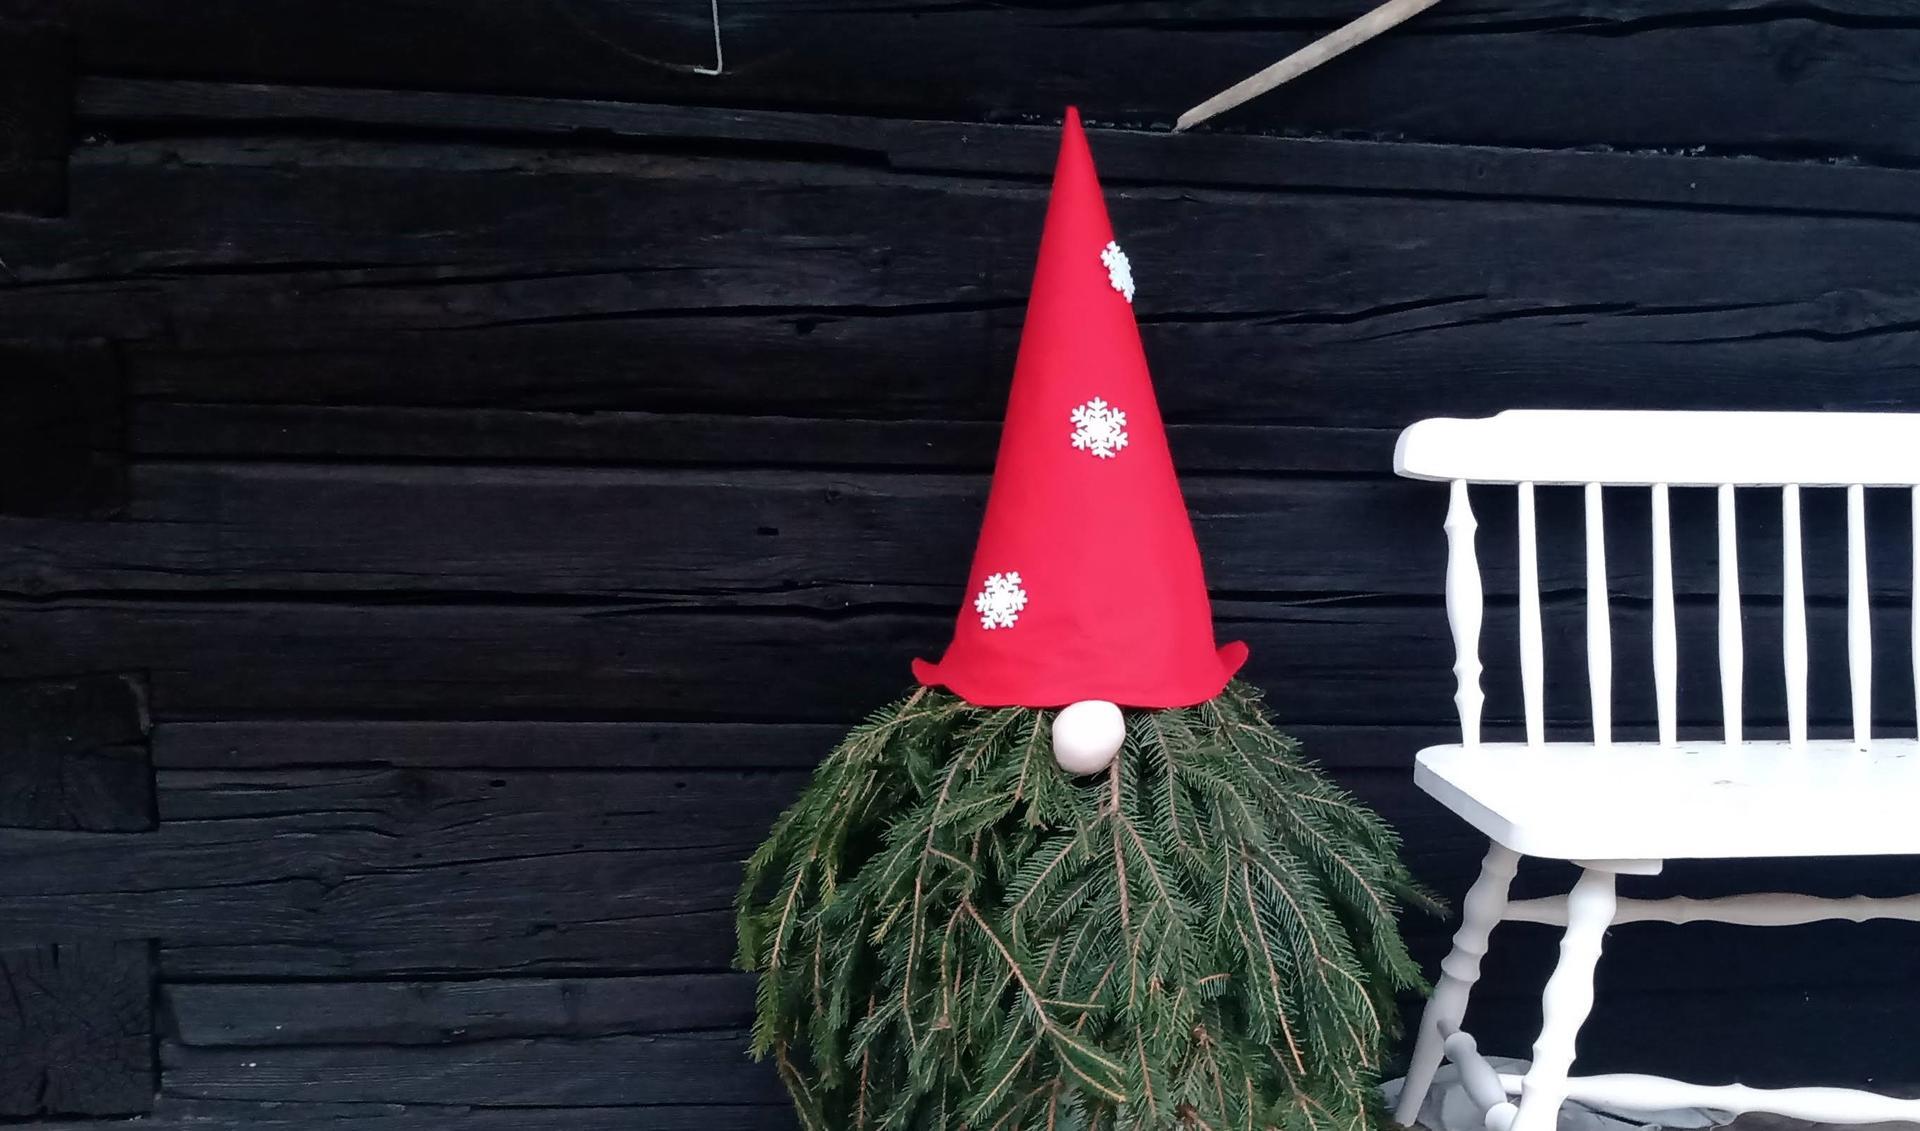 Vianocna vyzdoba a vianocne dekoracie 2020 - Obrázok č. 14